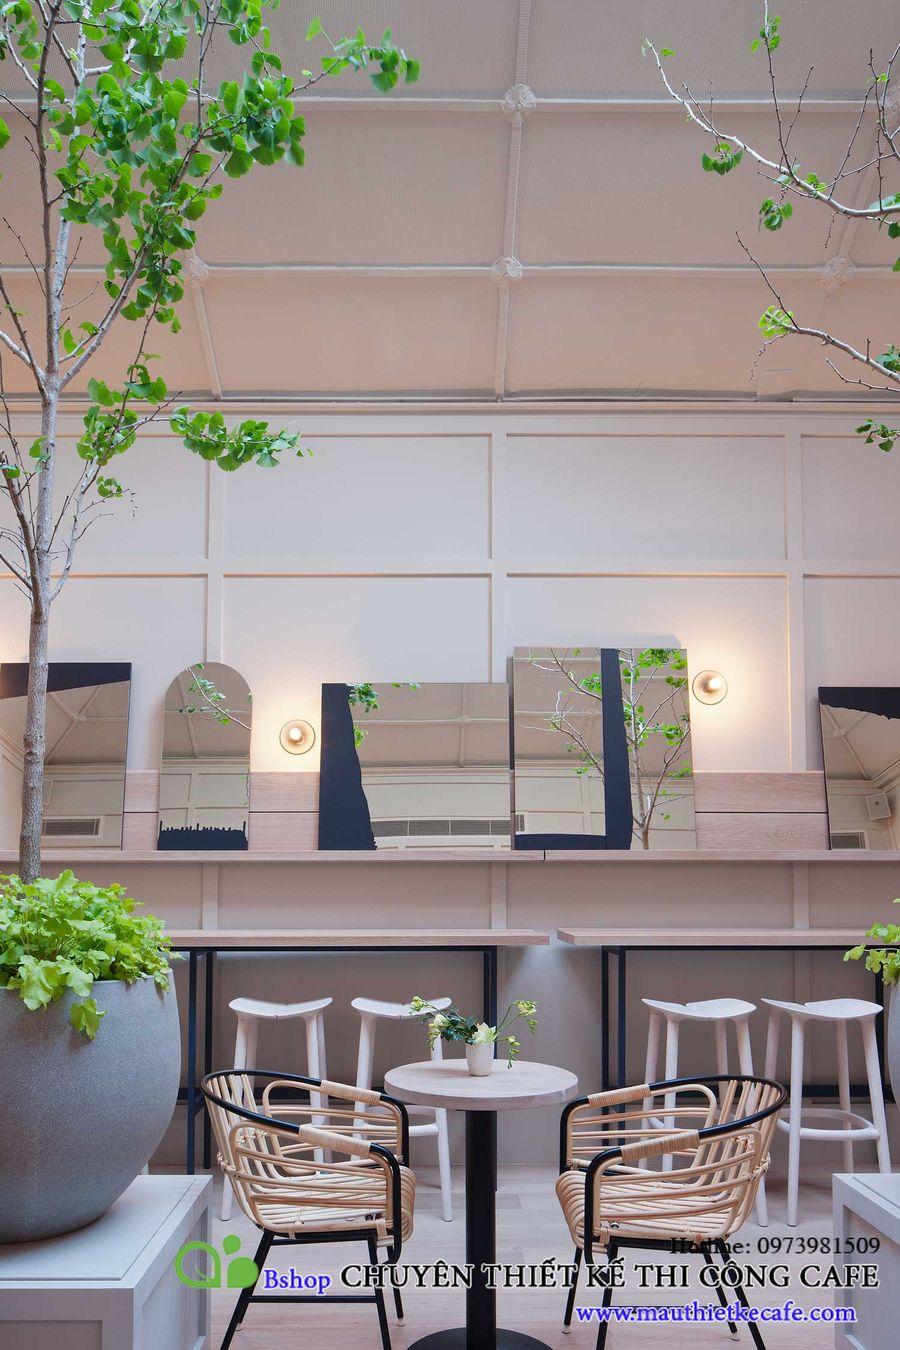 cafe bar danh cho teen (7)mauthietkecafe.com